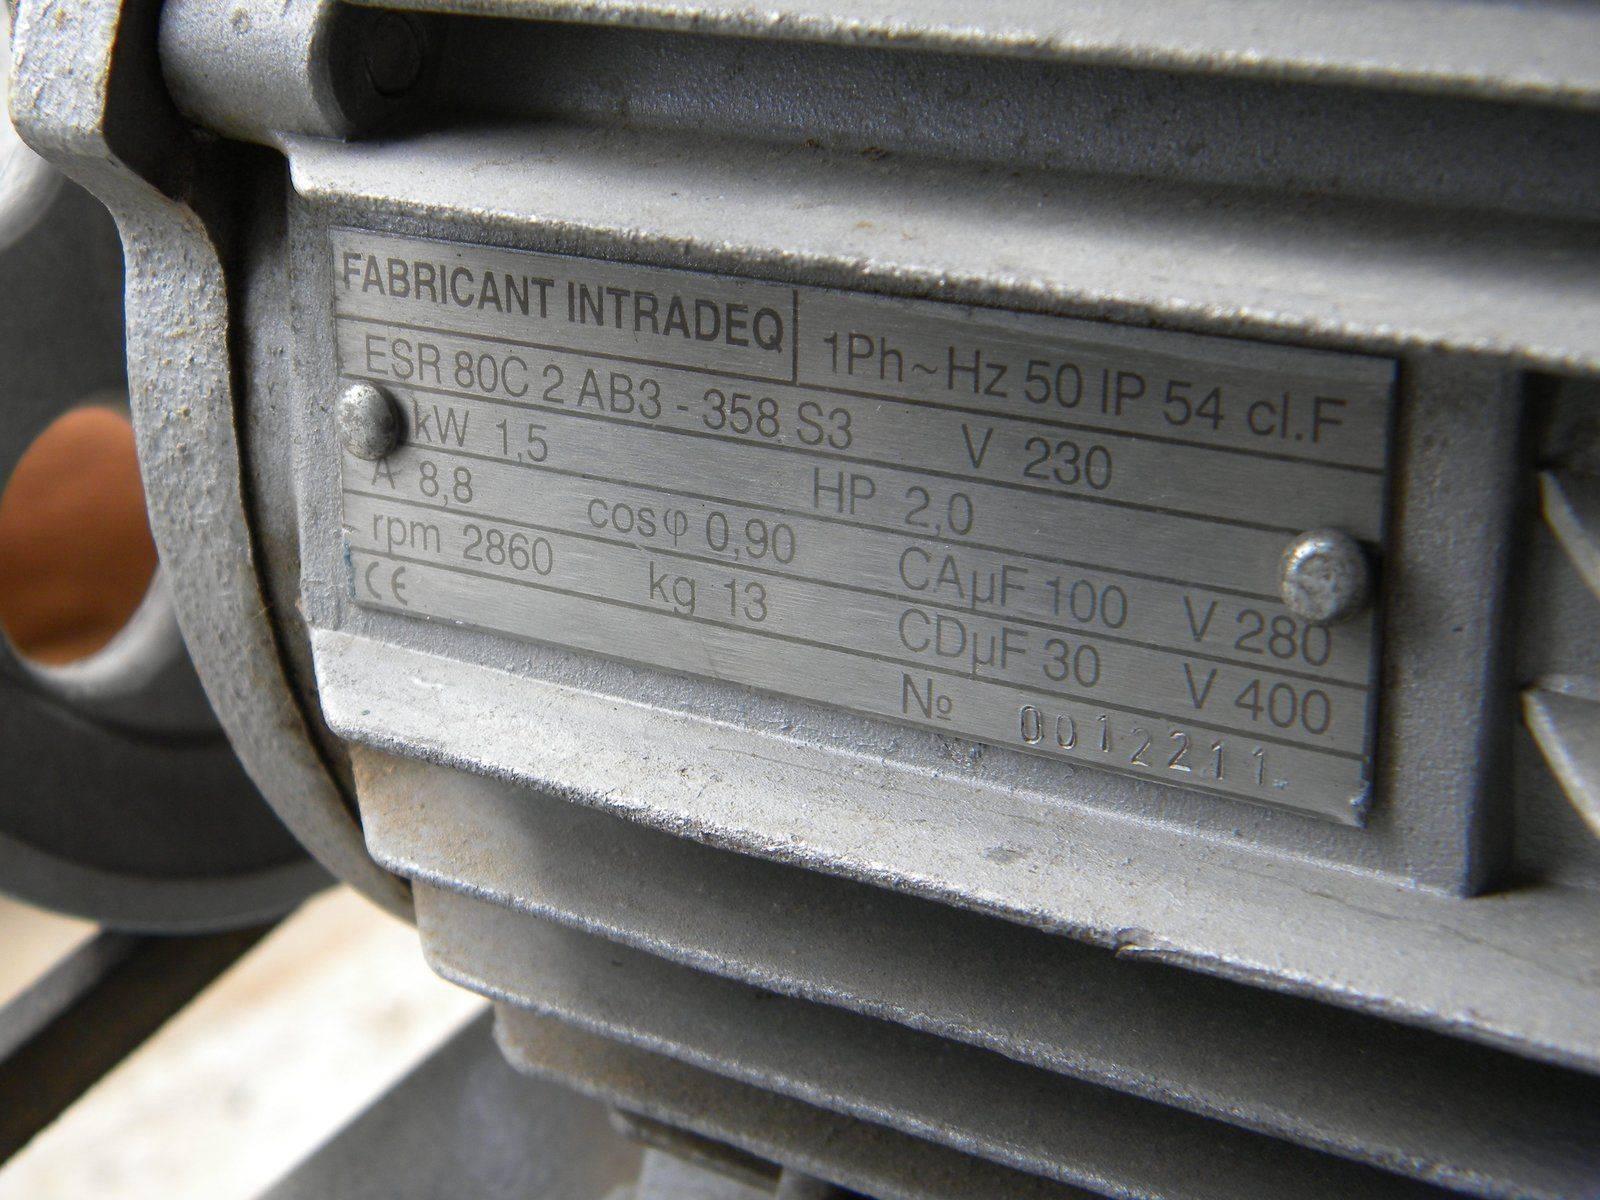 DSCN2975.JPG